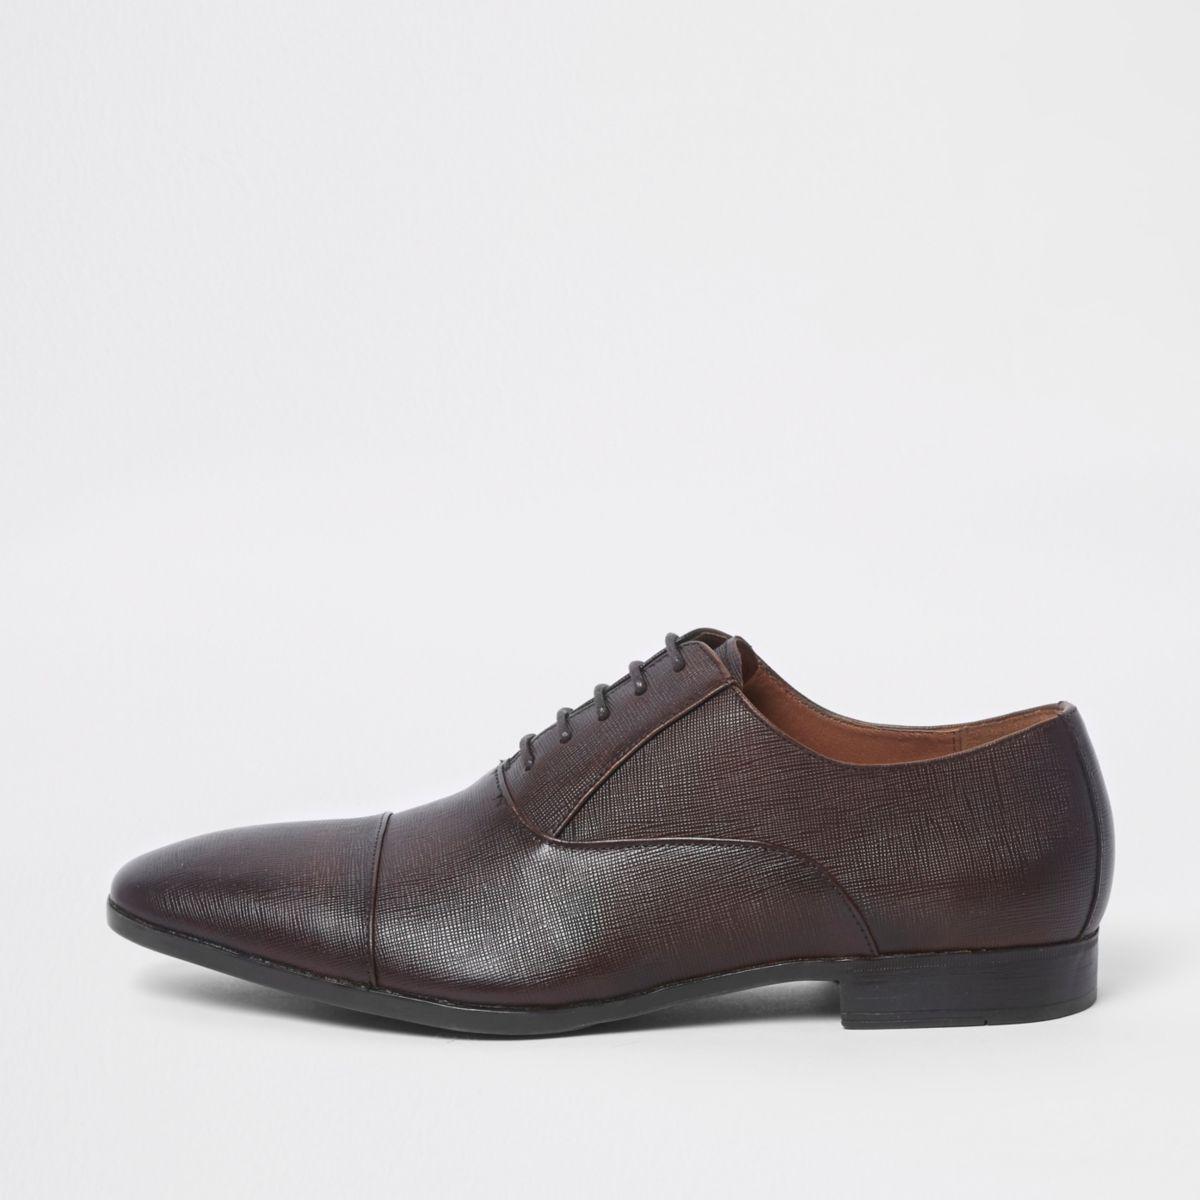 Brun Chaussures Oxford Avec Soulagement Et Le Nez Classique qnj2Y6G